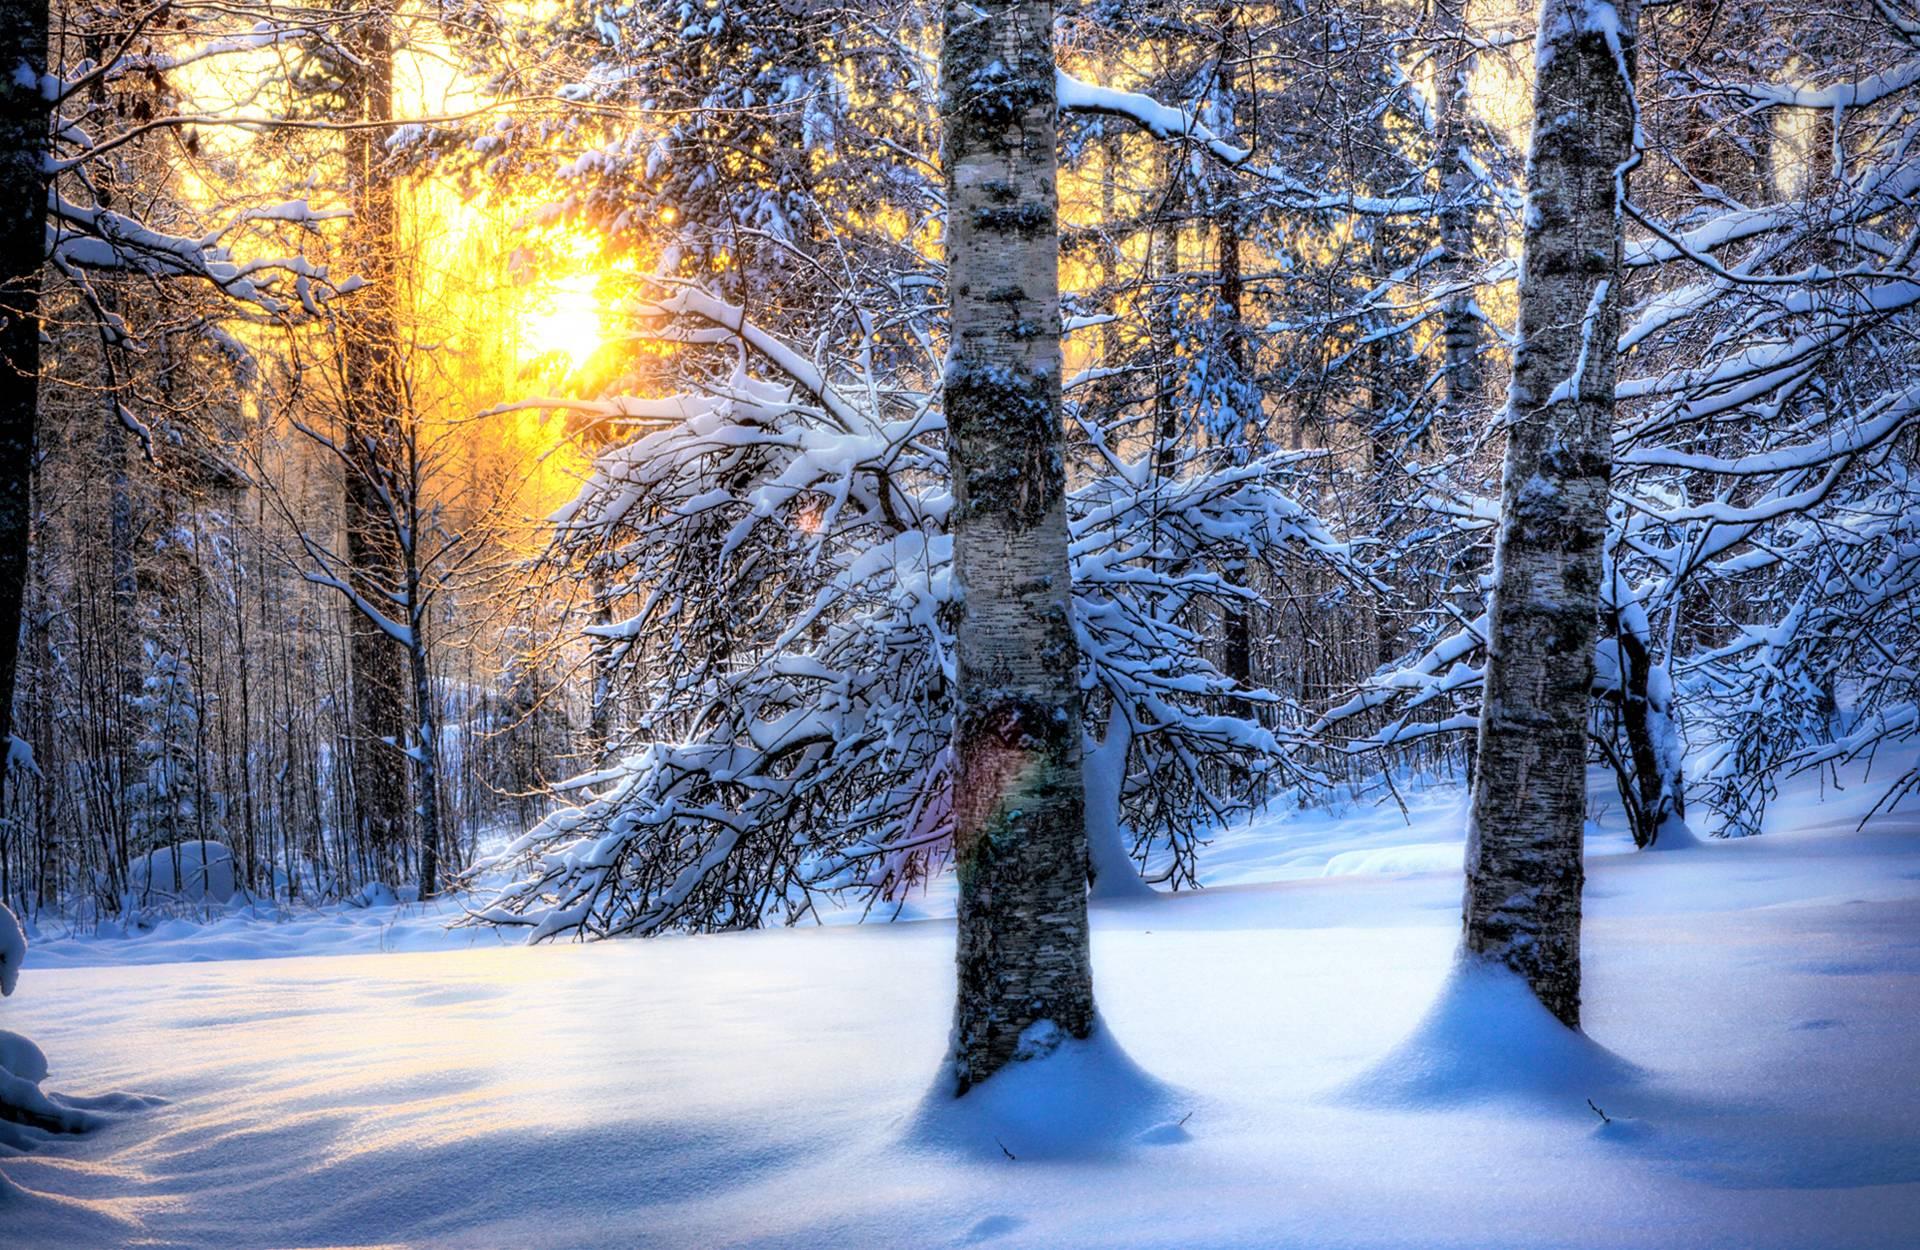 Winter Desktop Wallpapers   Top Winter Desktop Backgrounds 1920x1250